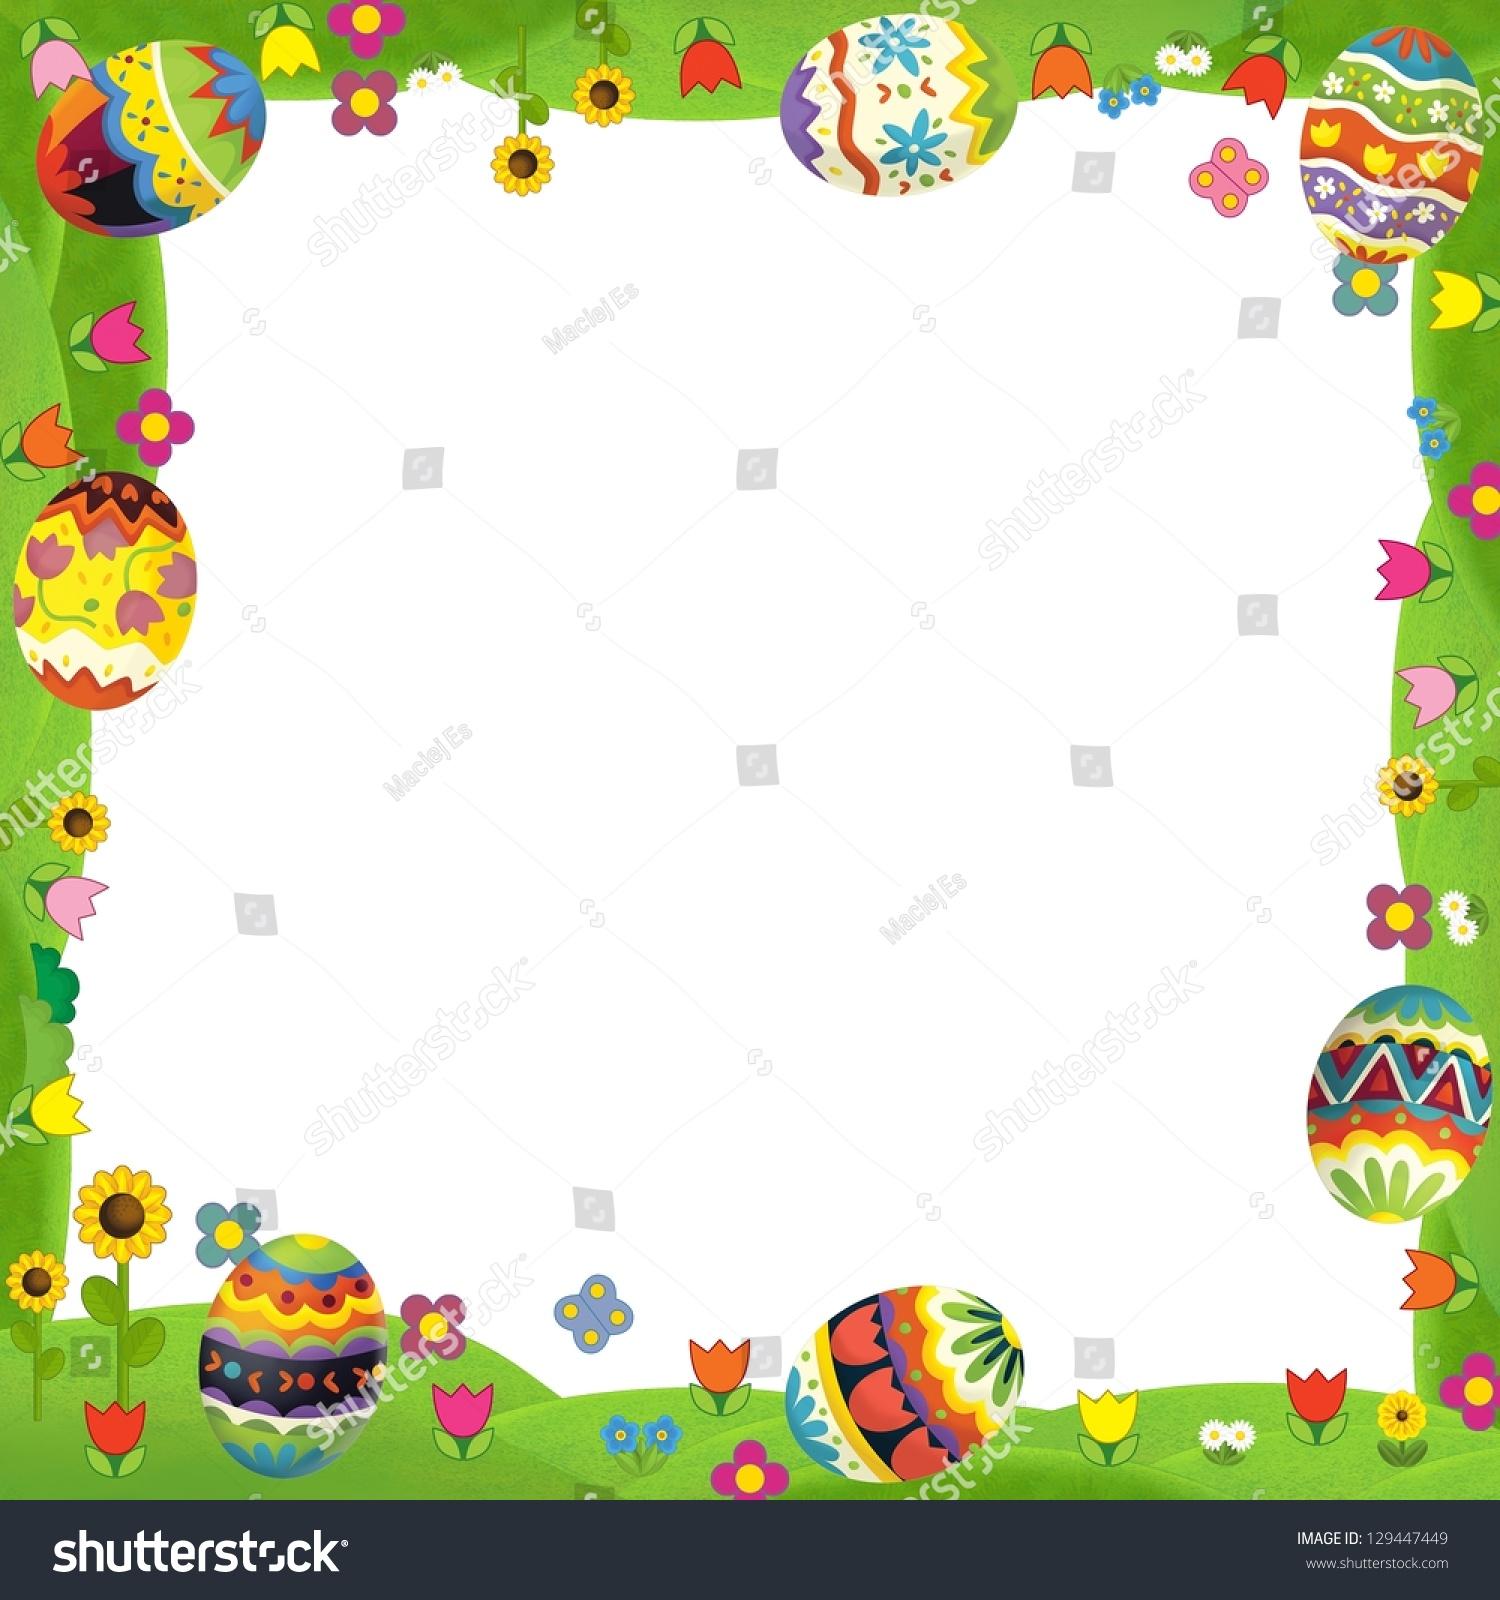 Happy Easter Frame Illustration Children Stock Illustration ...